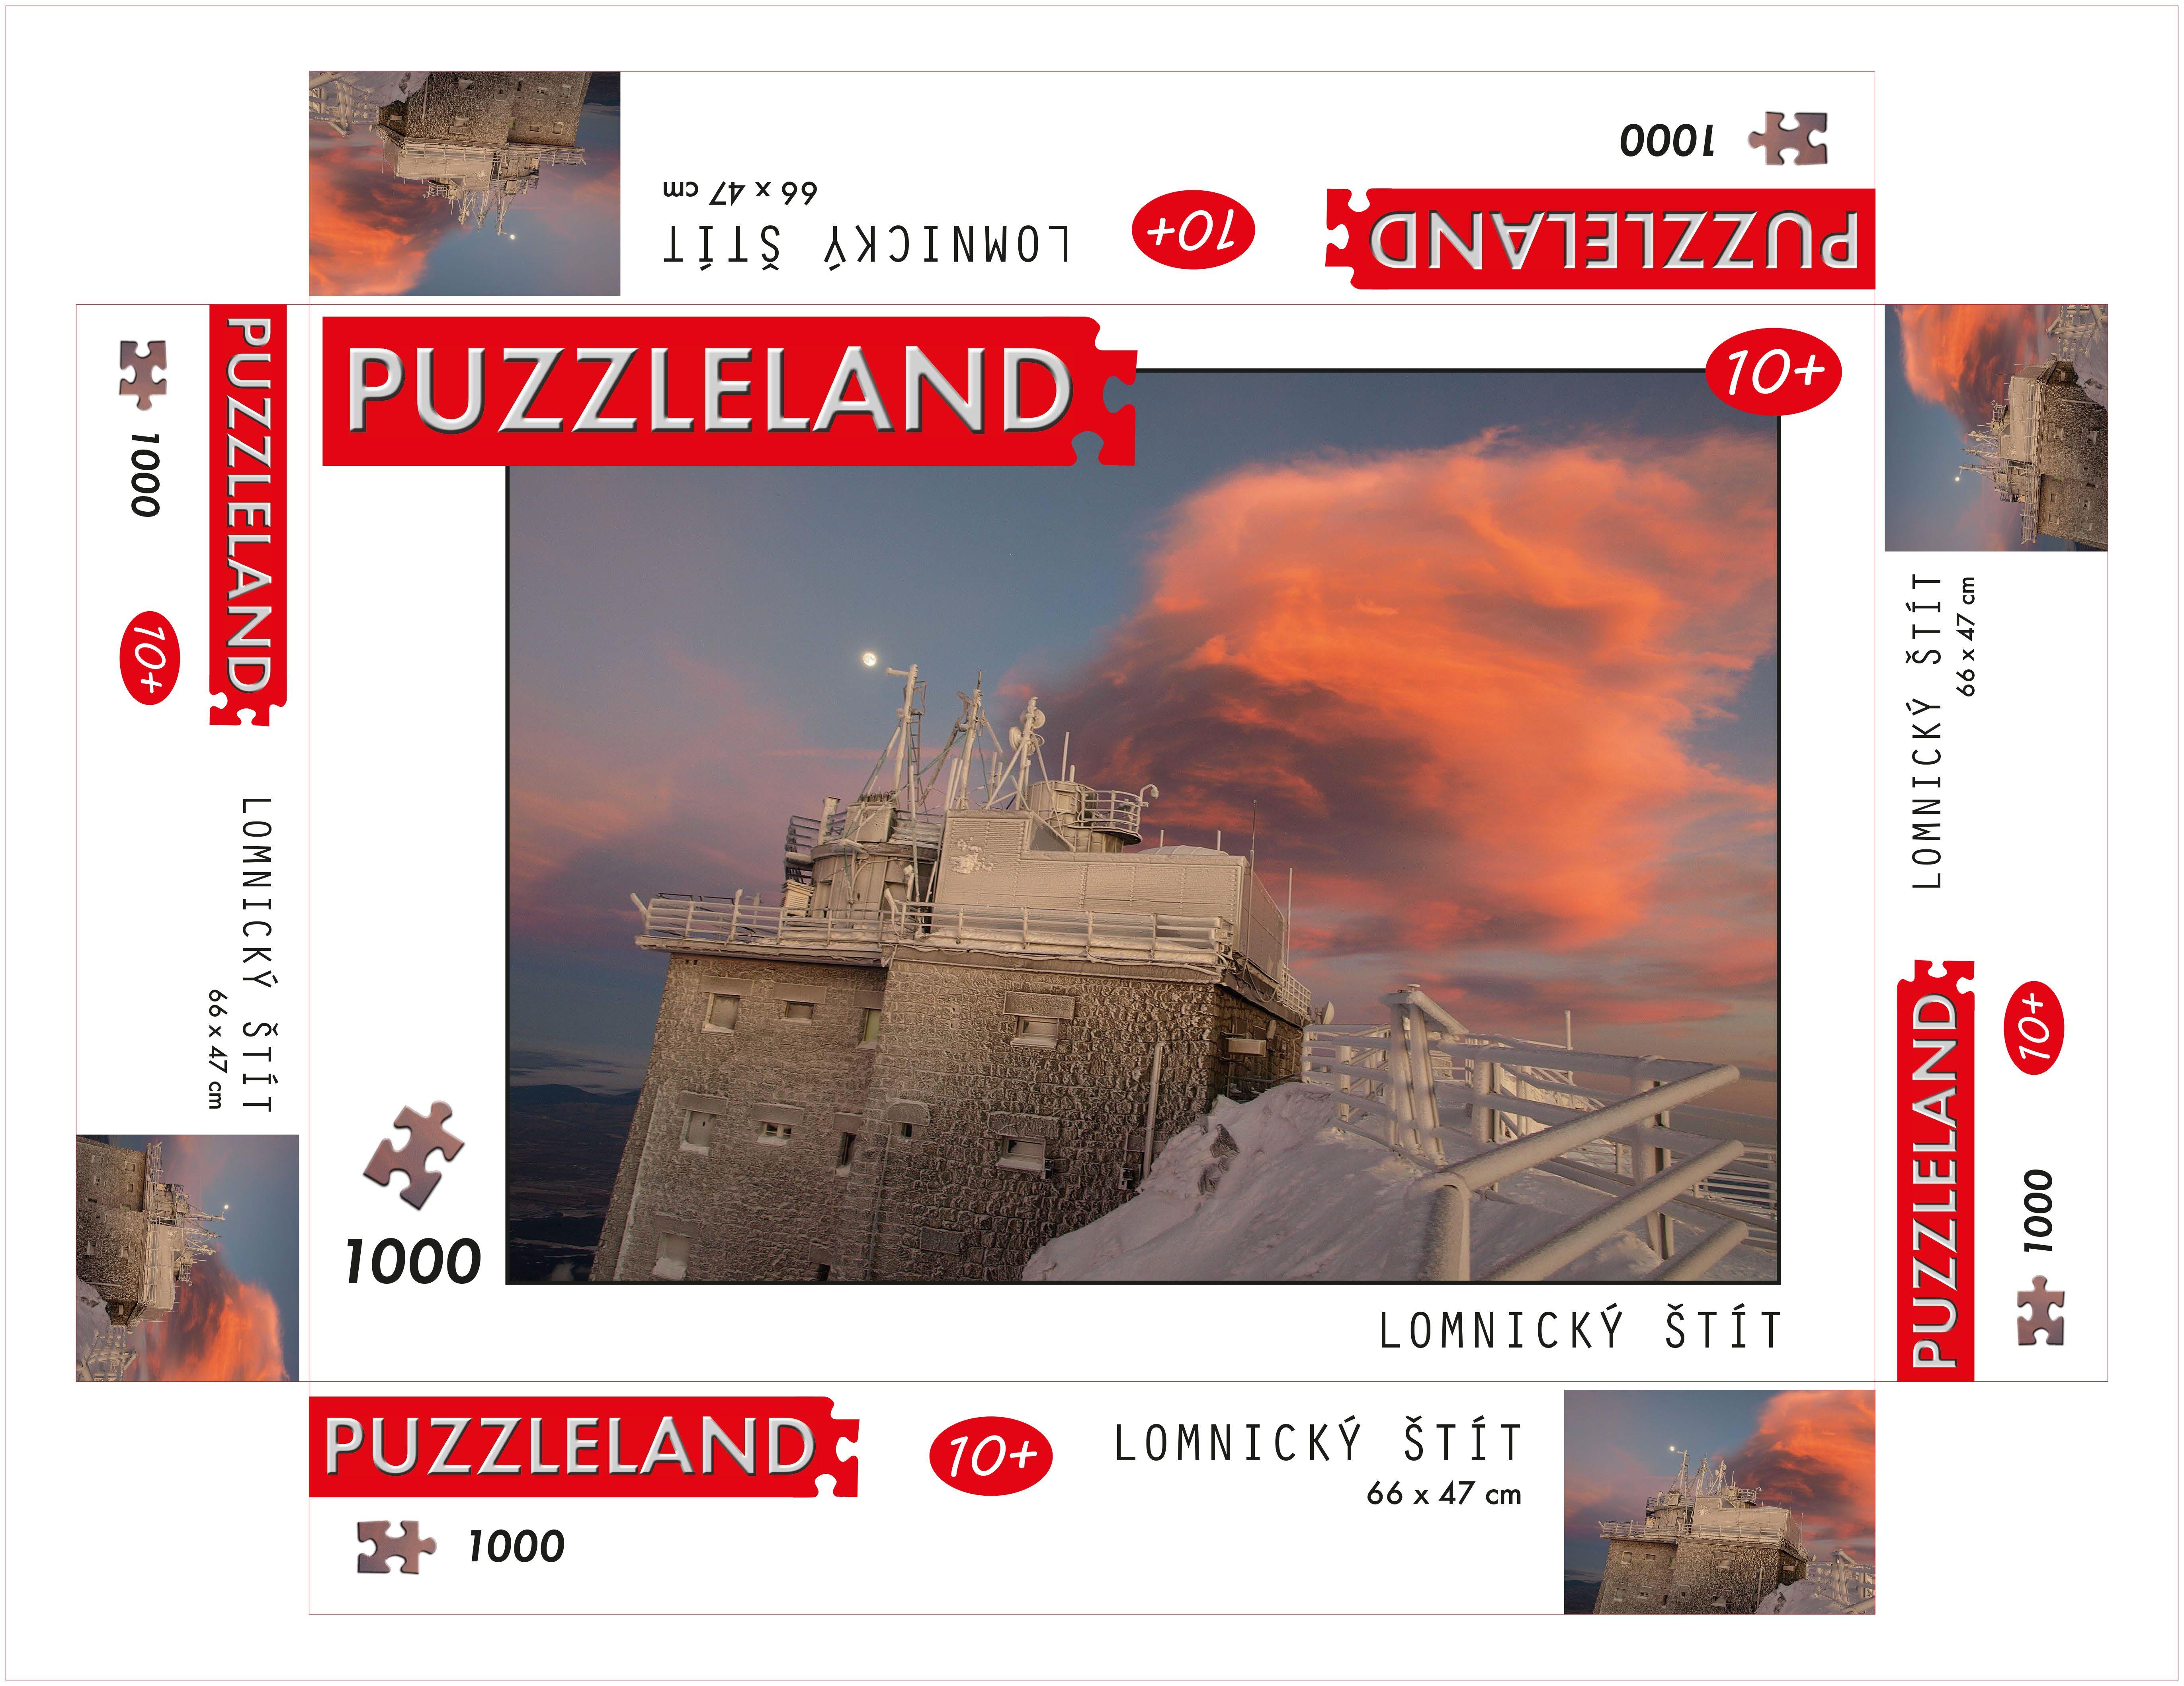 Puzzle Lomnicky Stit, Slowakei image 2